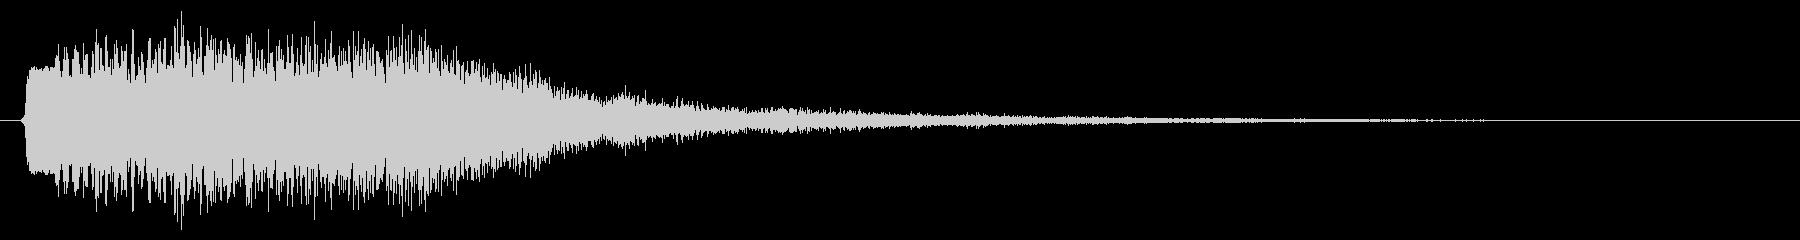 場面転換/ピアノ/絵本の未再生の波形